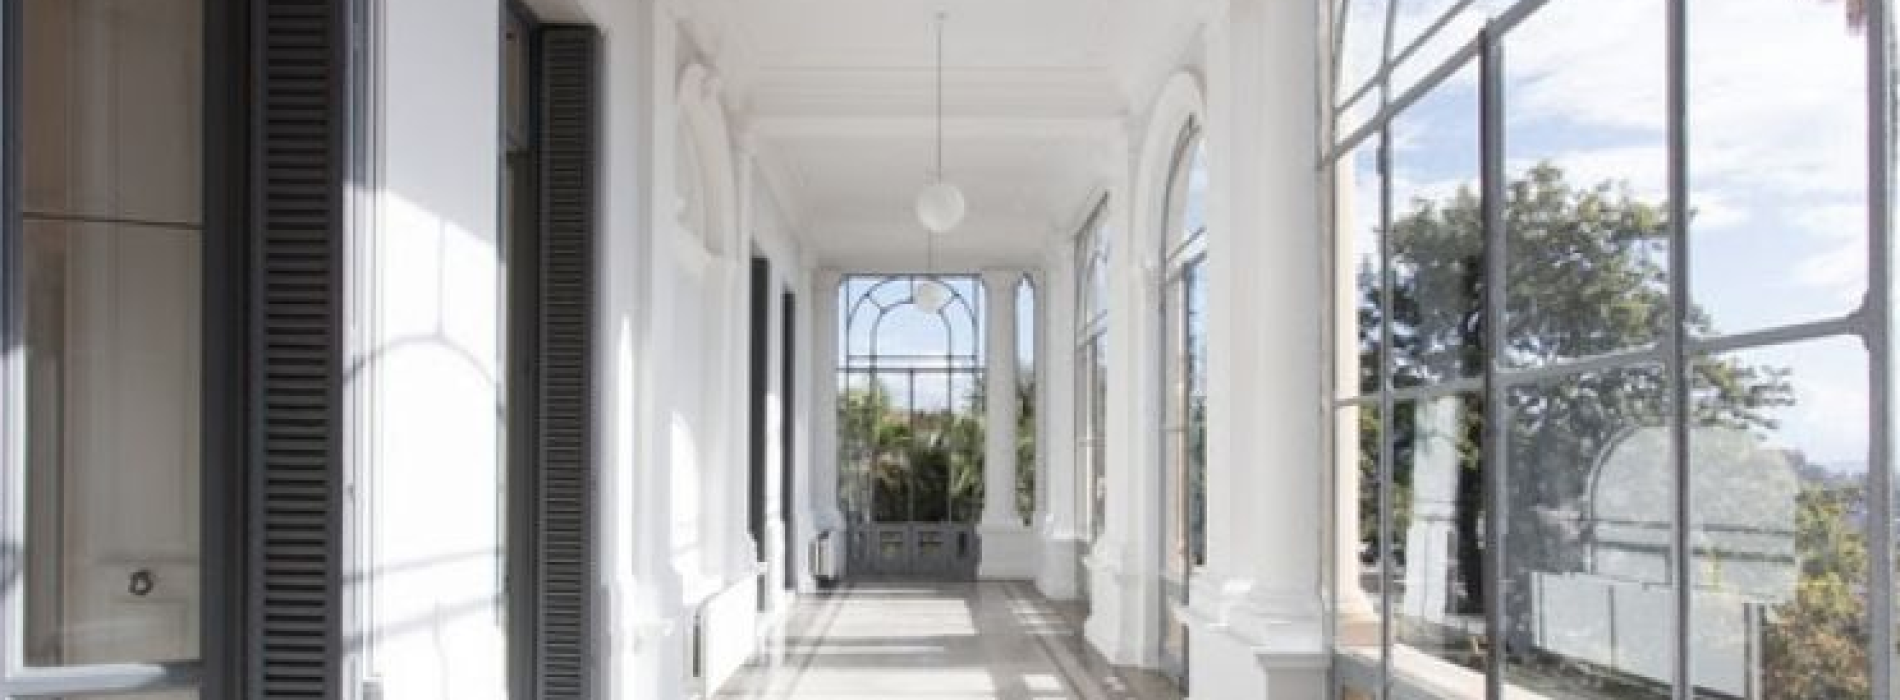 La galleria d'arte di Thomas Dane a Casa Ruffo